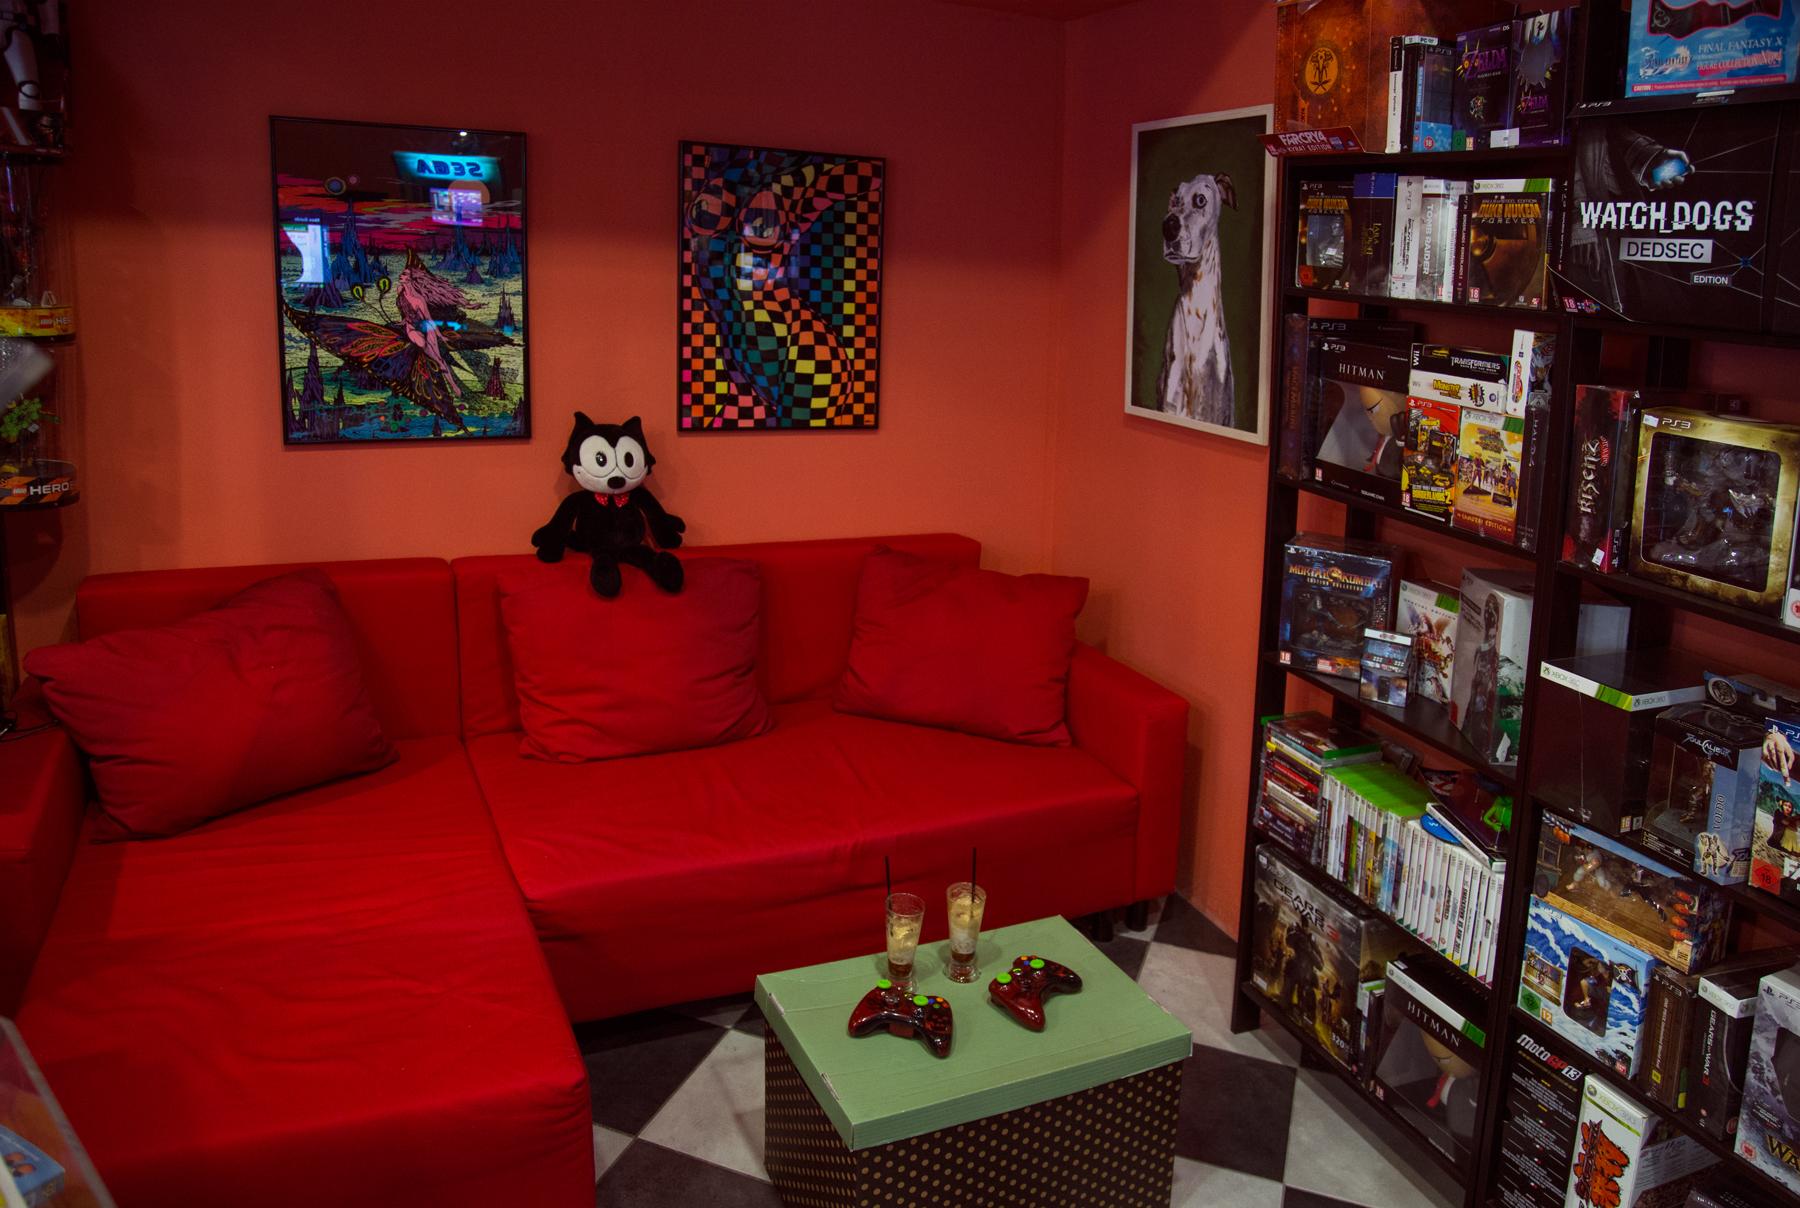 Το πιο δυνατό σημείο του Παιχνοδρομίου: Kαναπεδάκι για chat, gaming και γνωριμίες